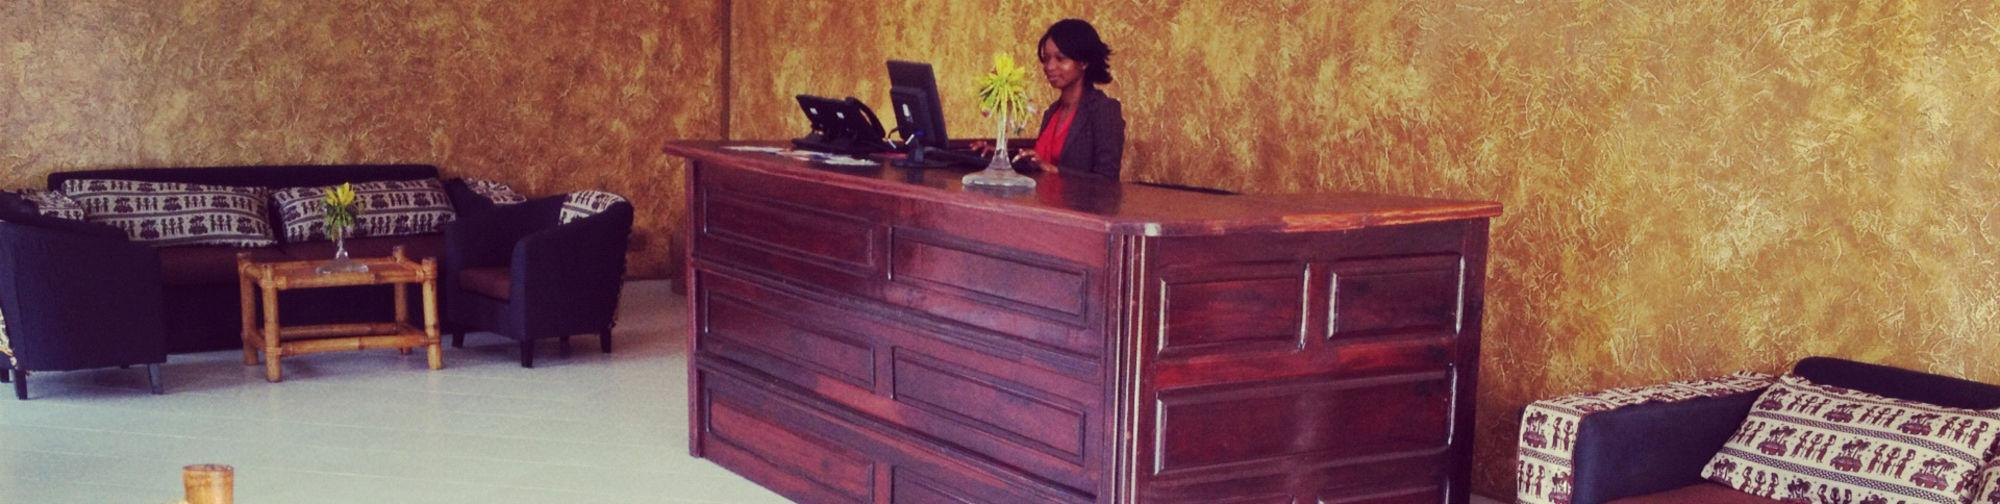 Bamboo Hotel, Kombo Saint Mary